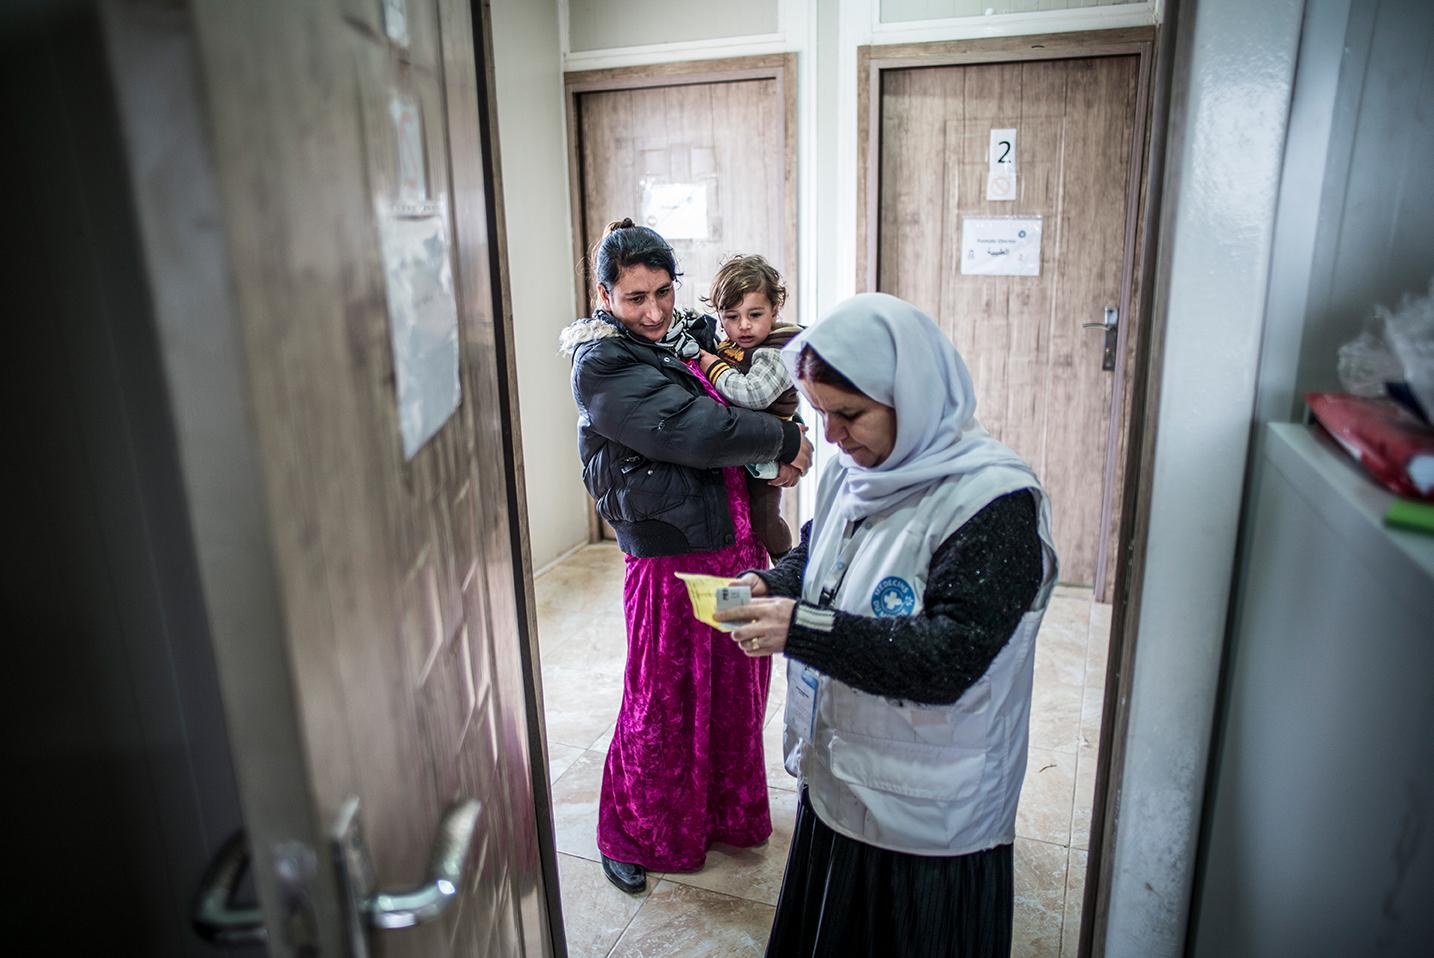 Ärzte der Welt Gesundheitseinrichtung im Irak